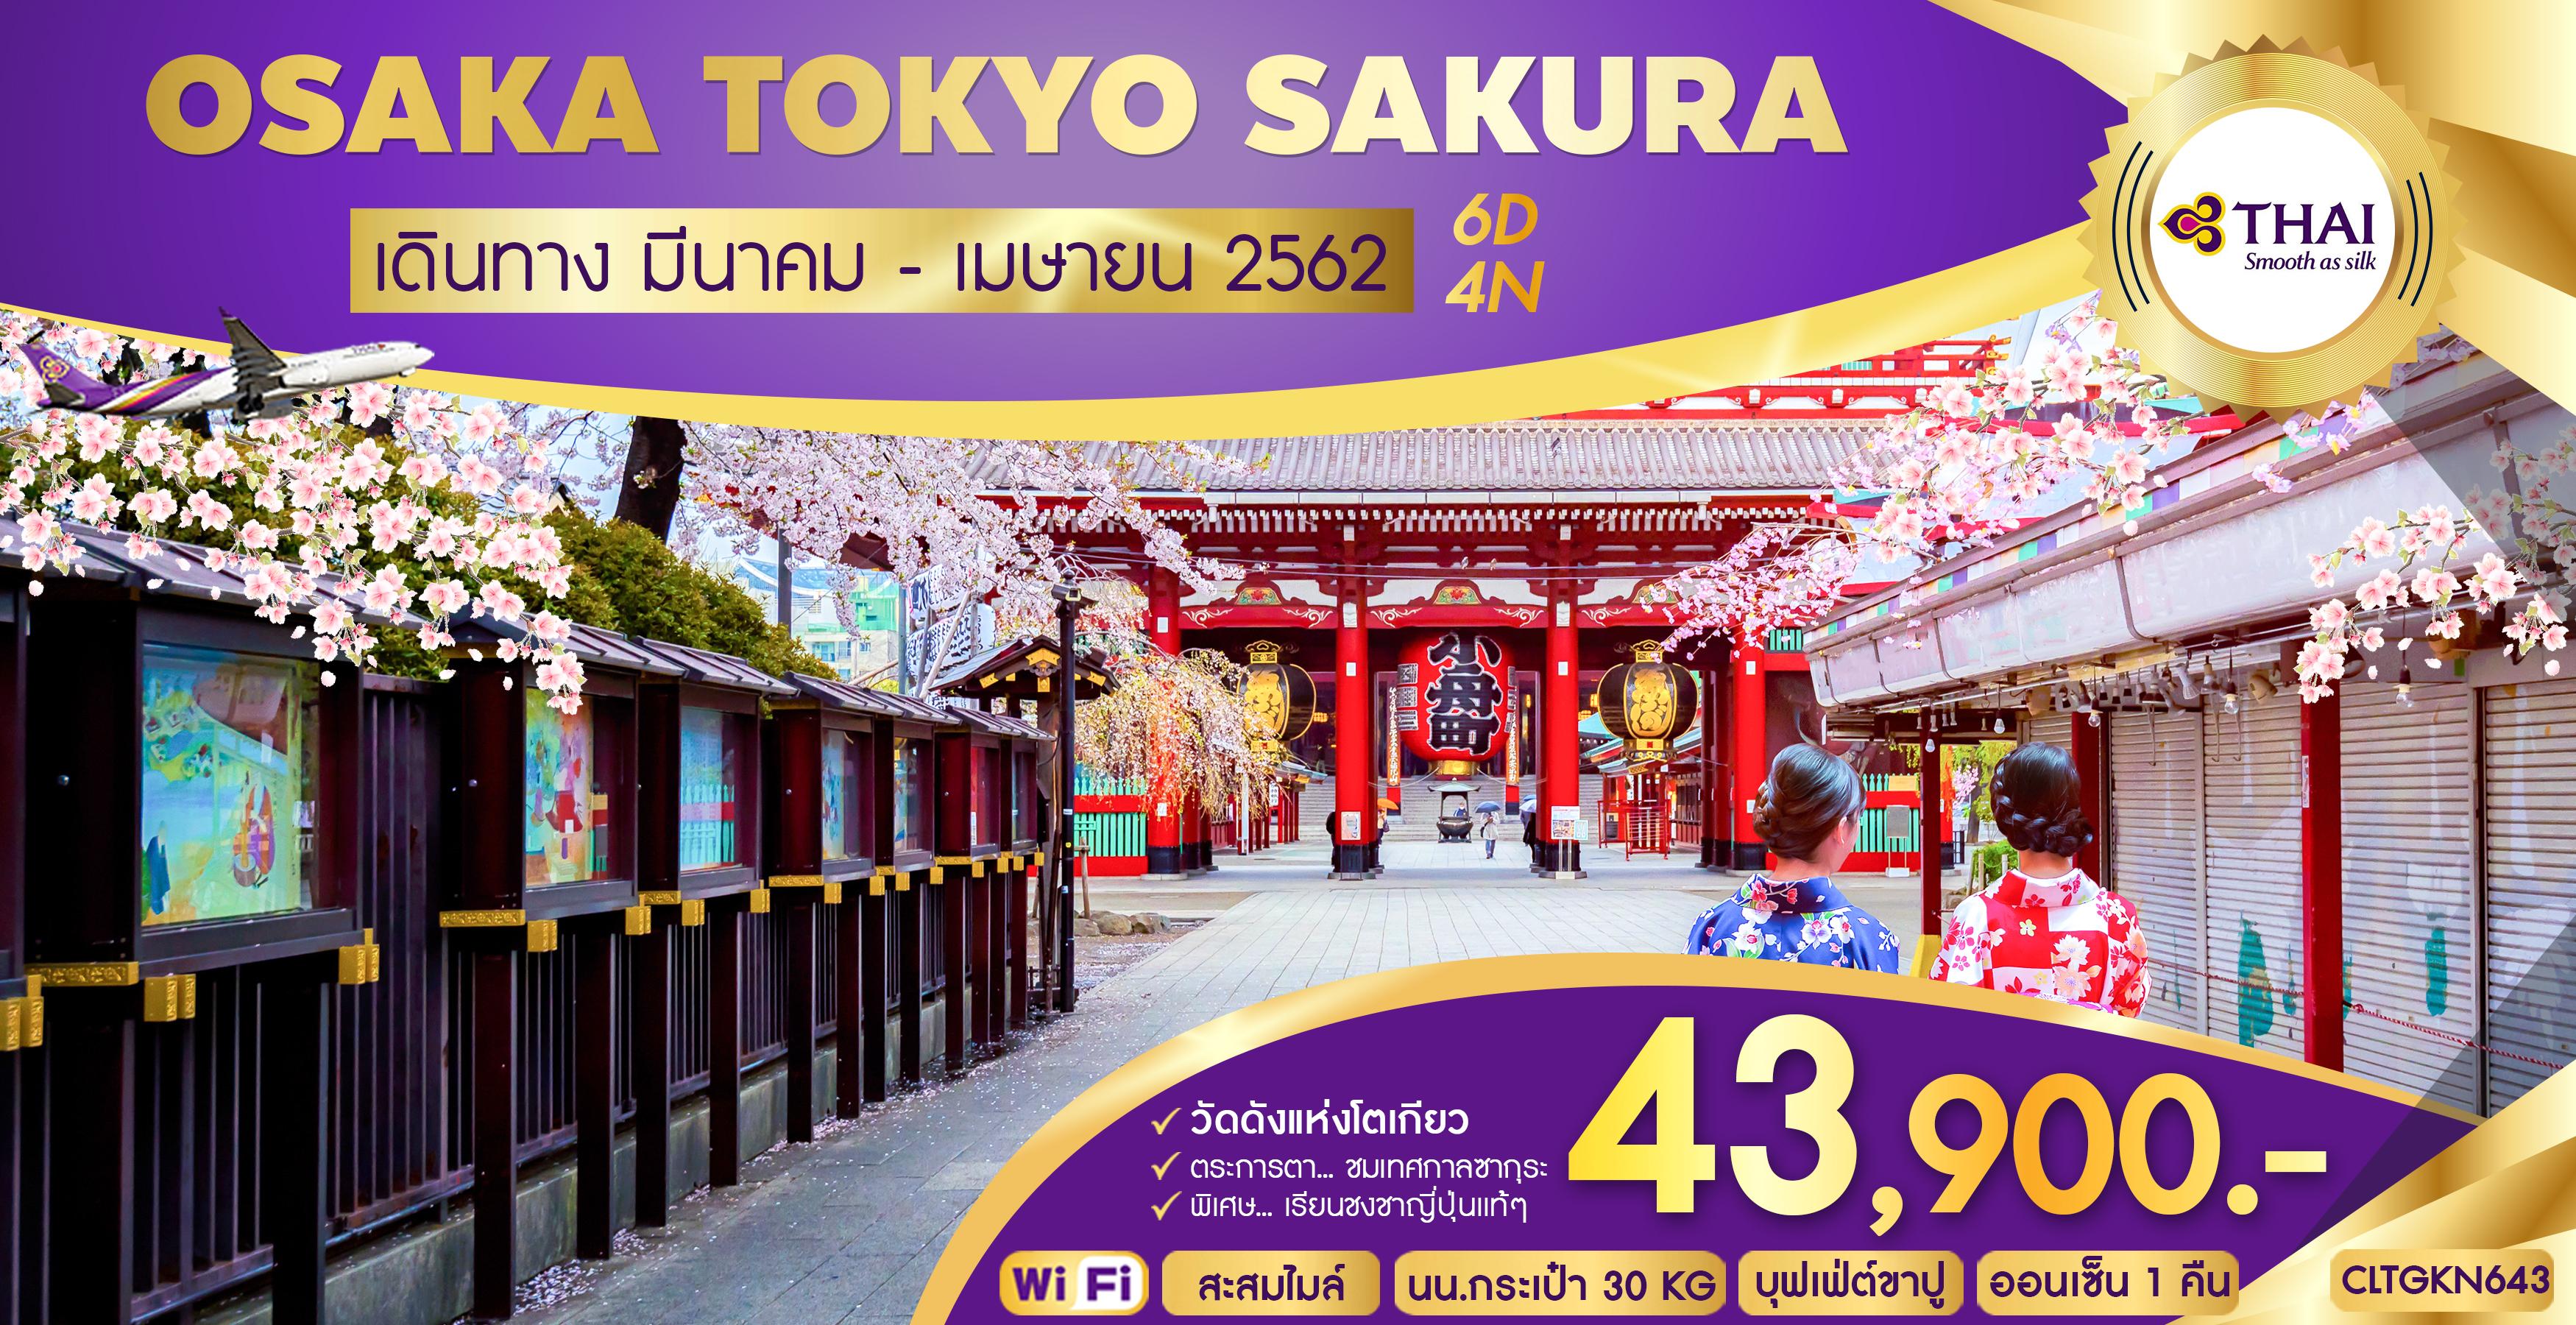 ทัวร์ญี่ปุ่น OSAKA TOKYO SAKURA 6D4N (TG)